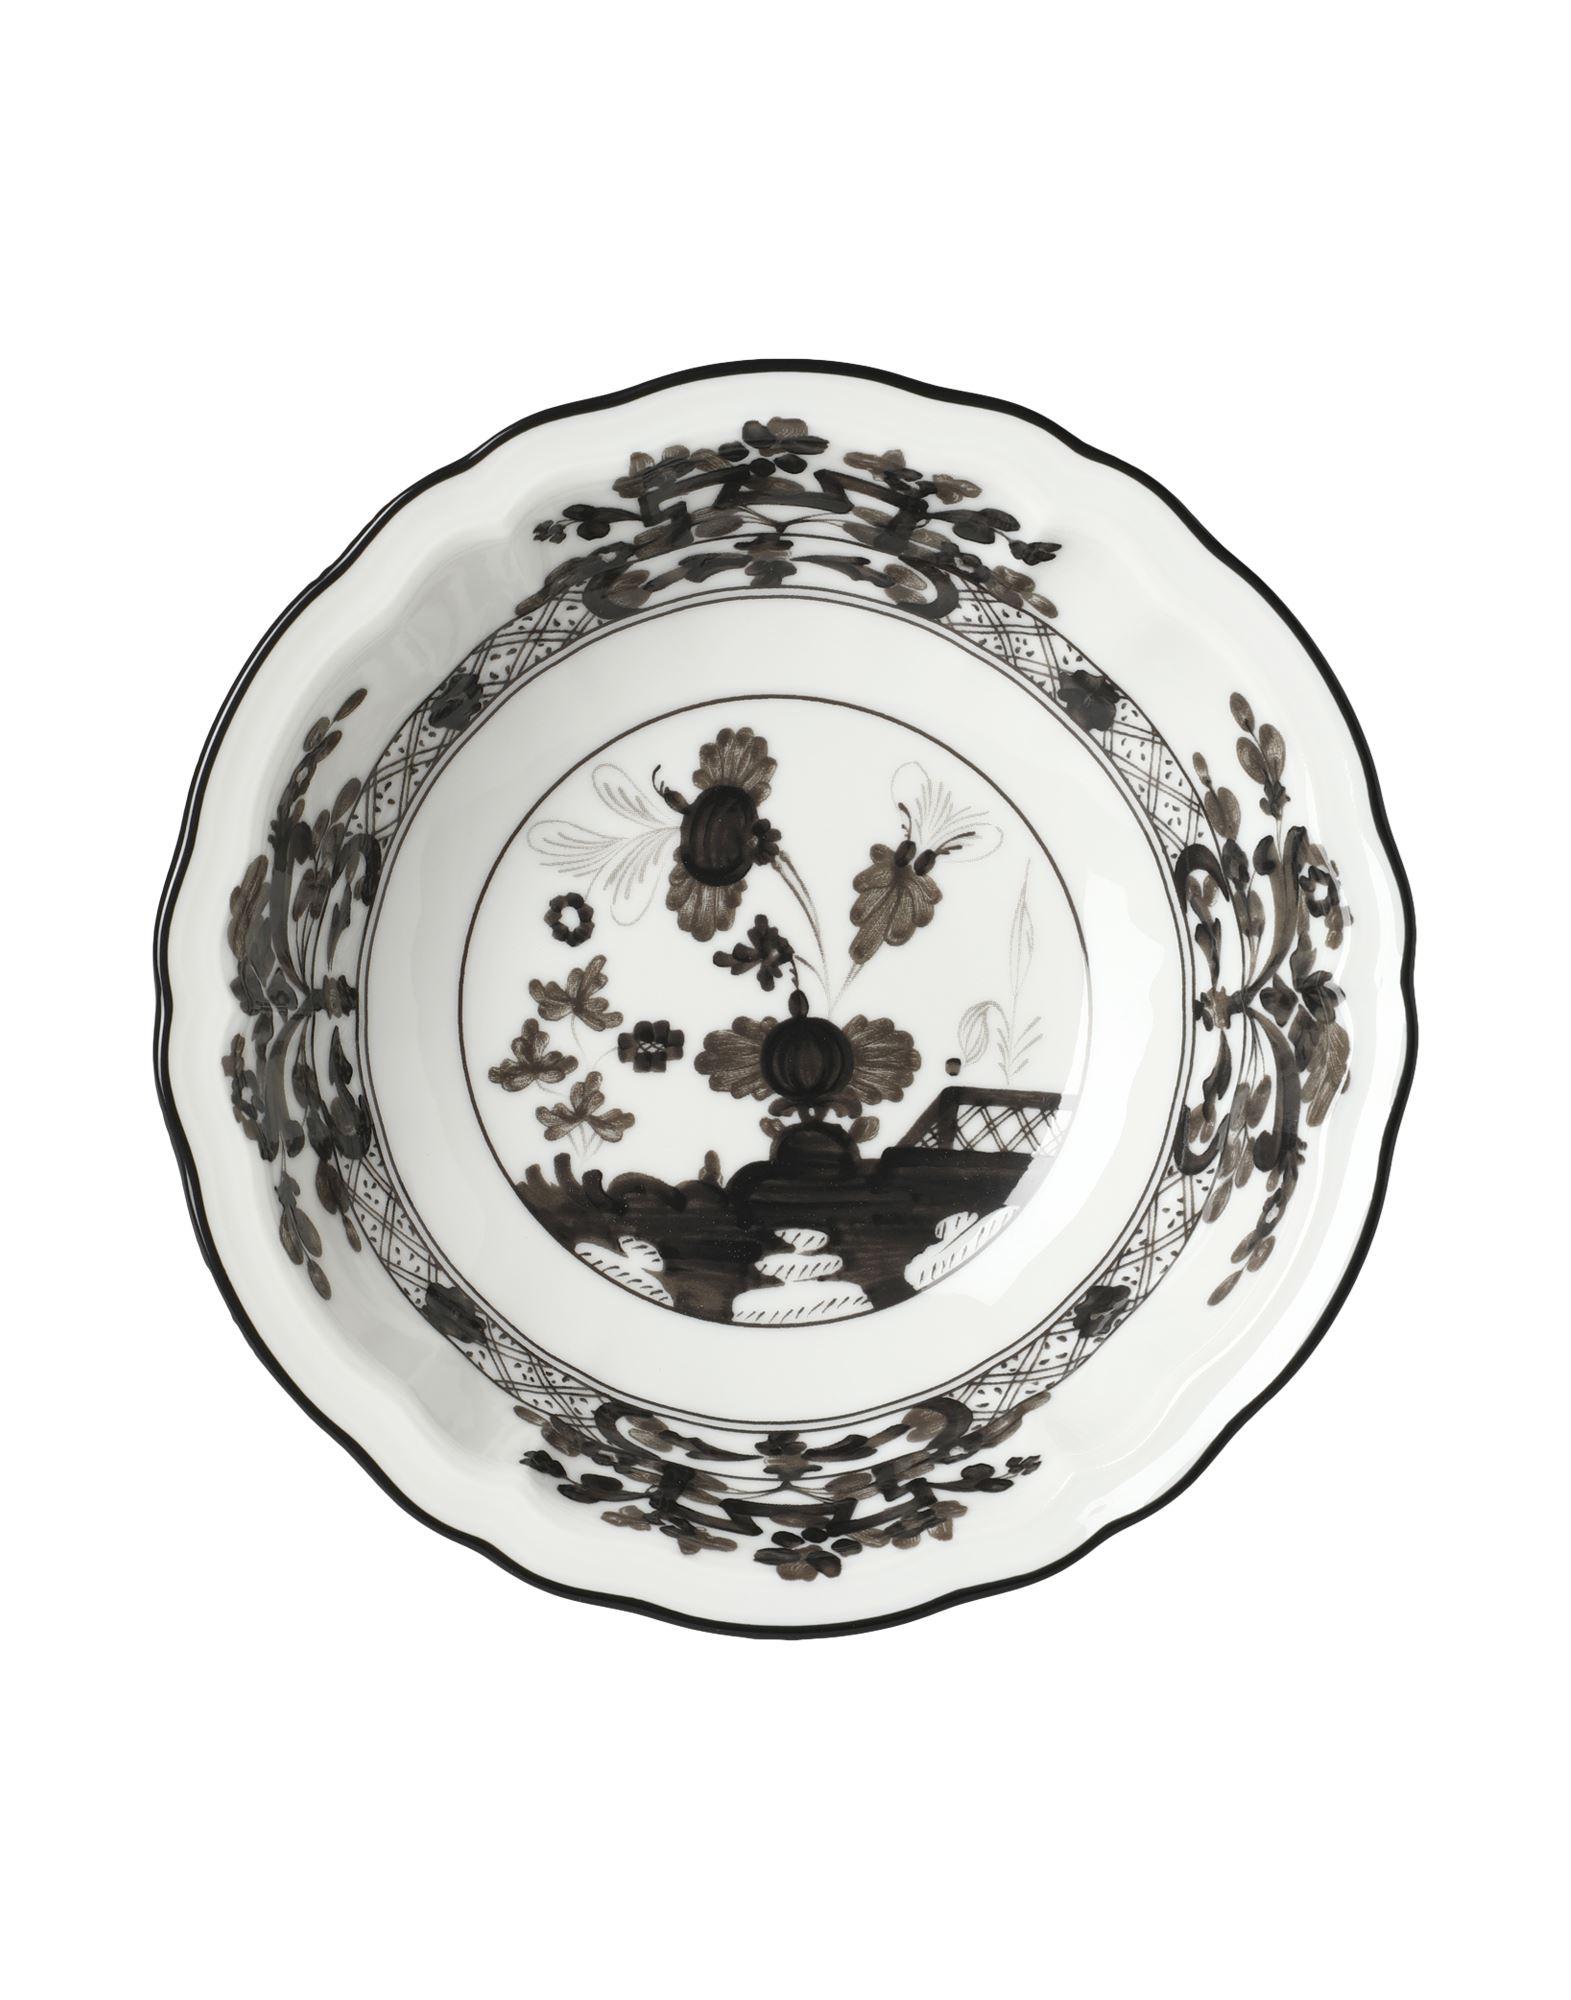 《セール開催中》RICHARD GINORI Unisex オーナメンタルプレート ホワイト 陶製 ORIENTE ITALIANO Fruit bowl